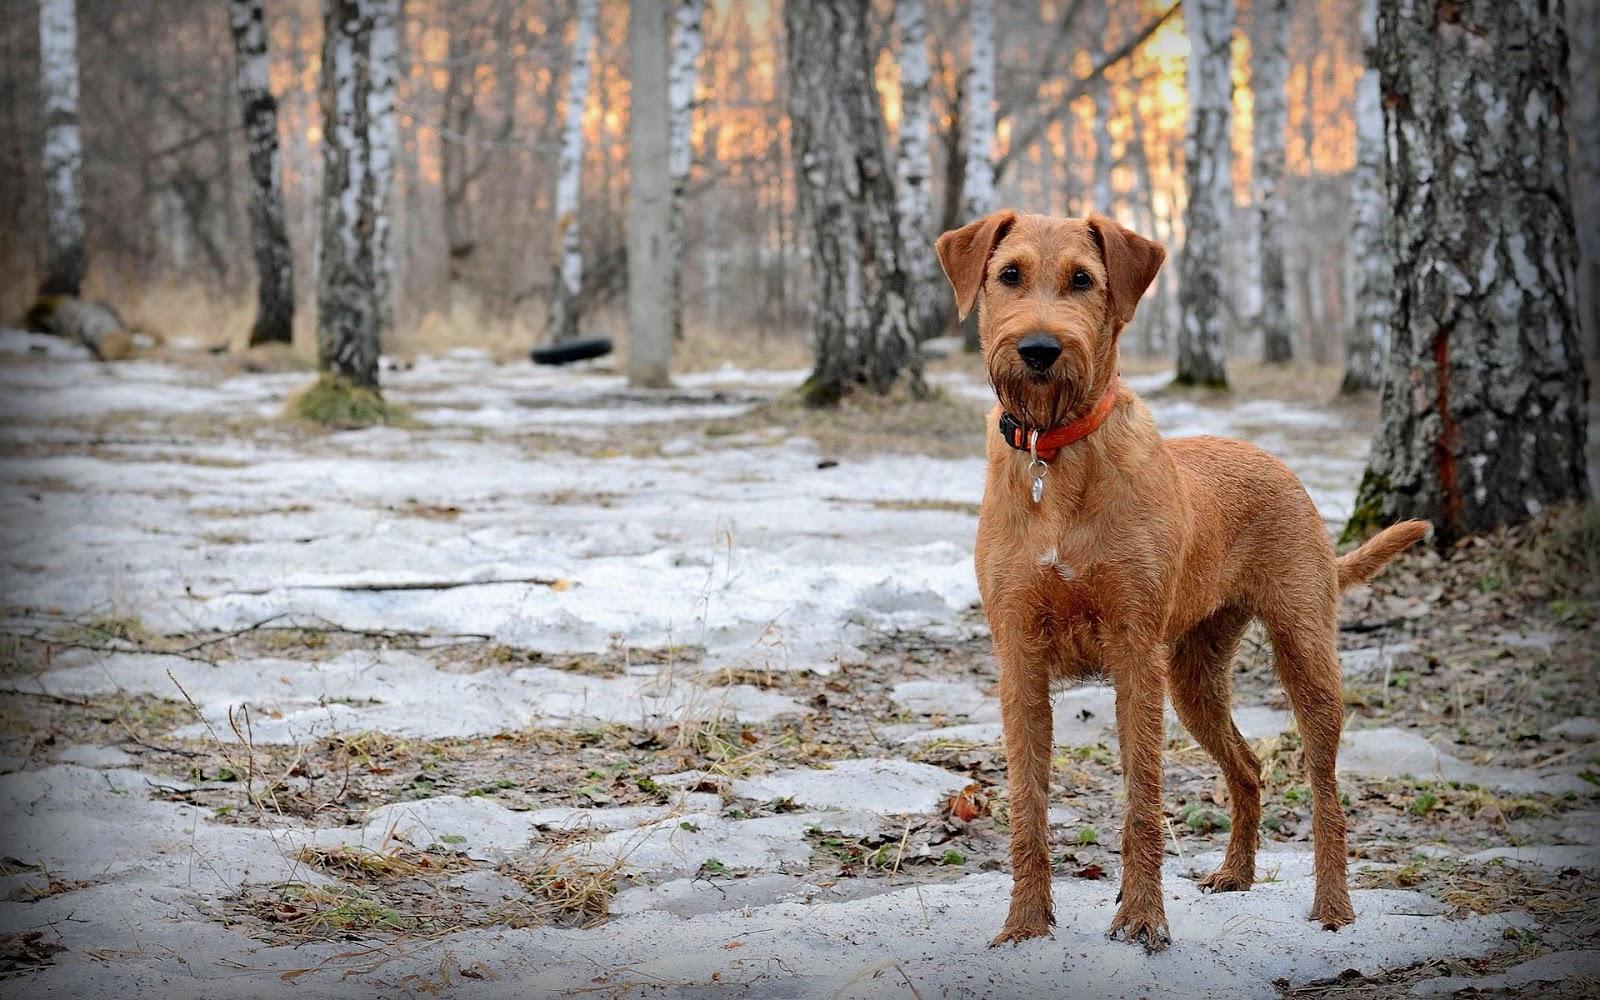 Foto van een hond in het bos in de sneeuw